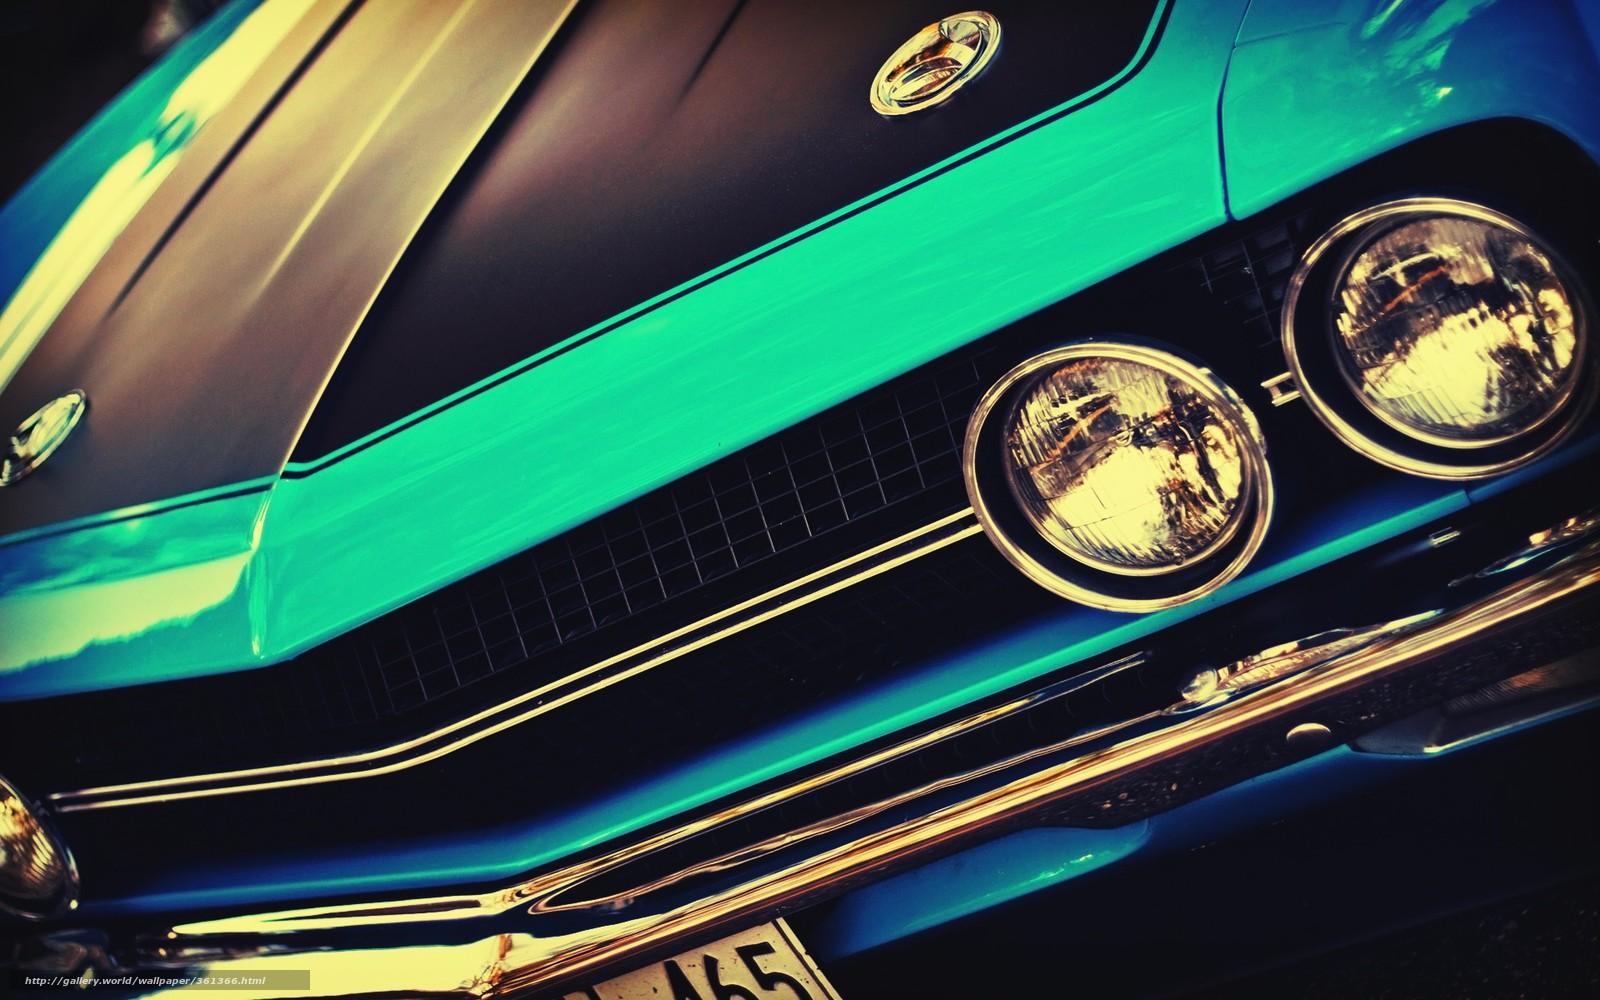 Car Wallpapers